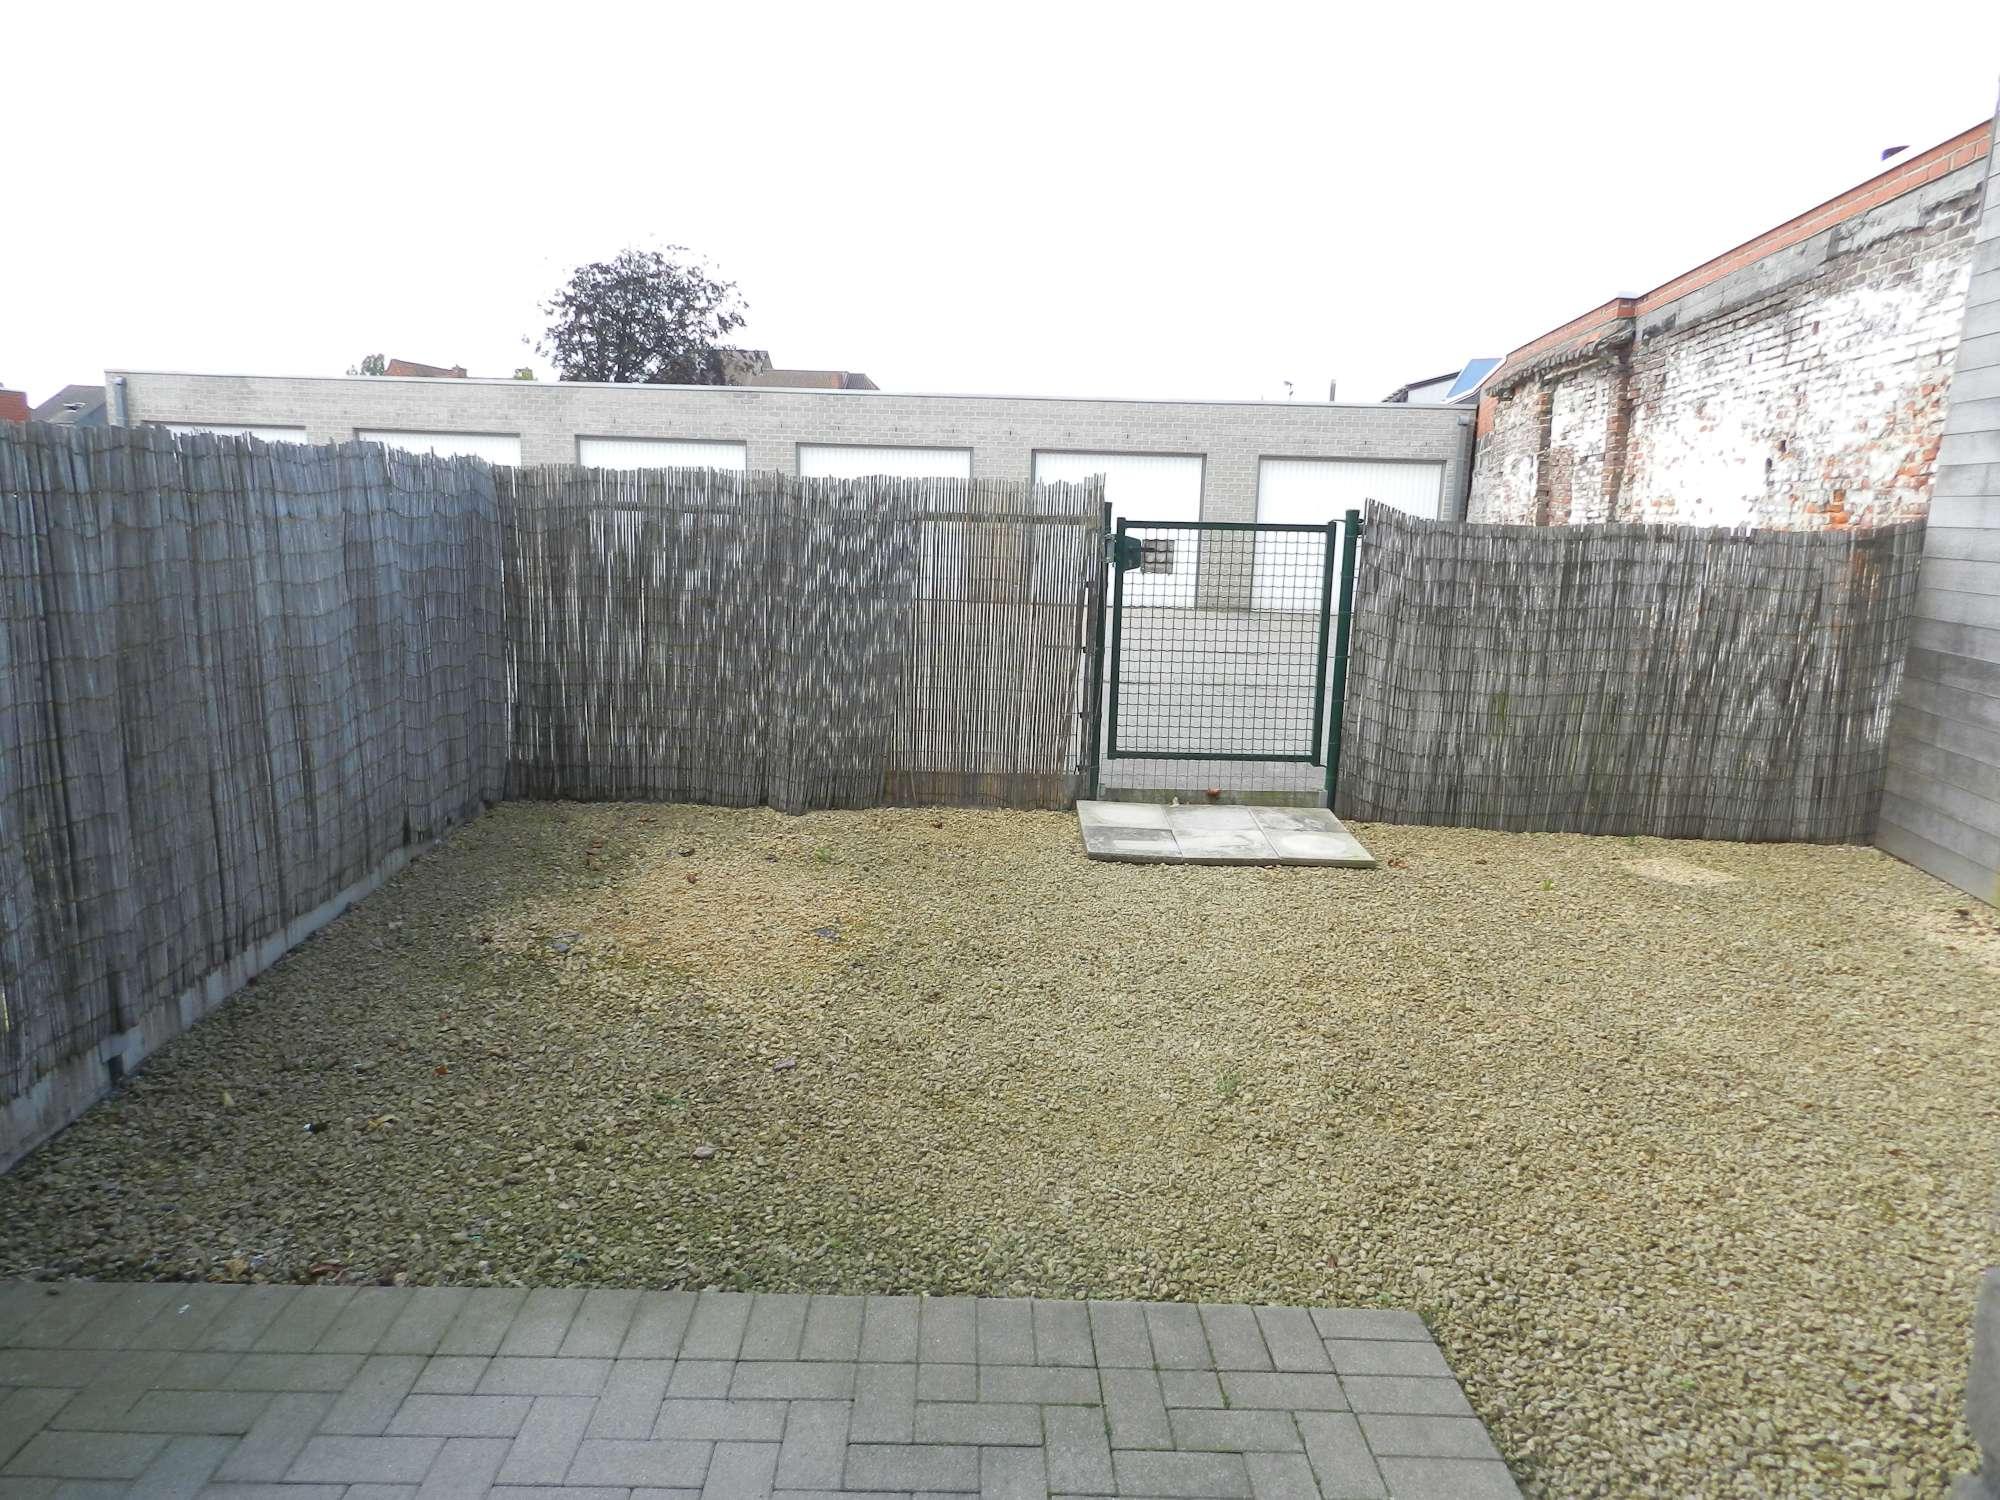 Te huur: Appartement met tuin – Stationsstraat 69, Waarschoot